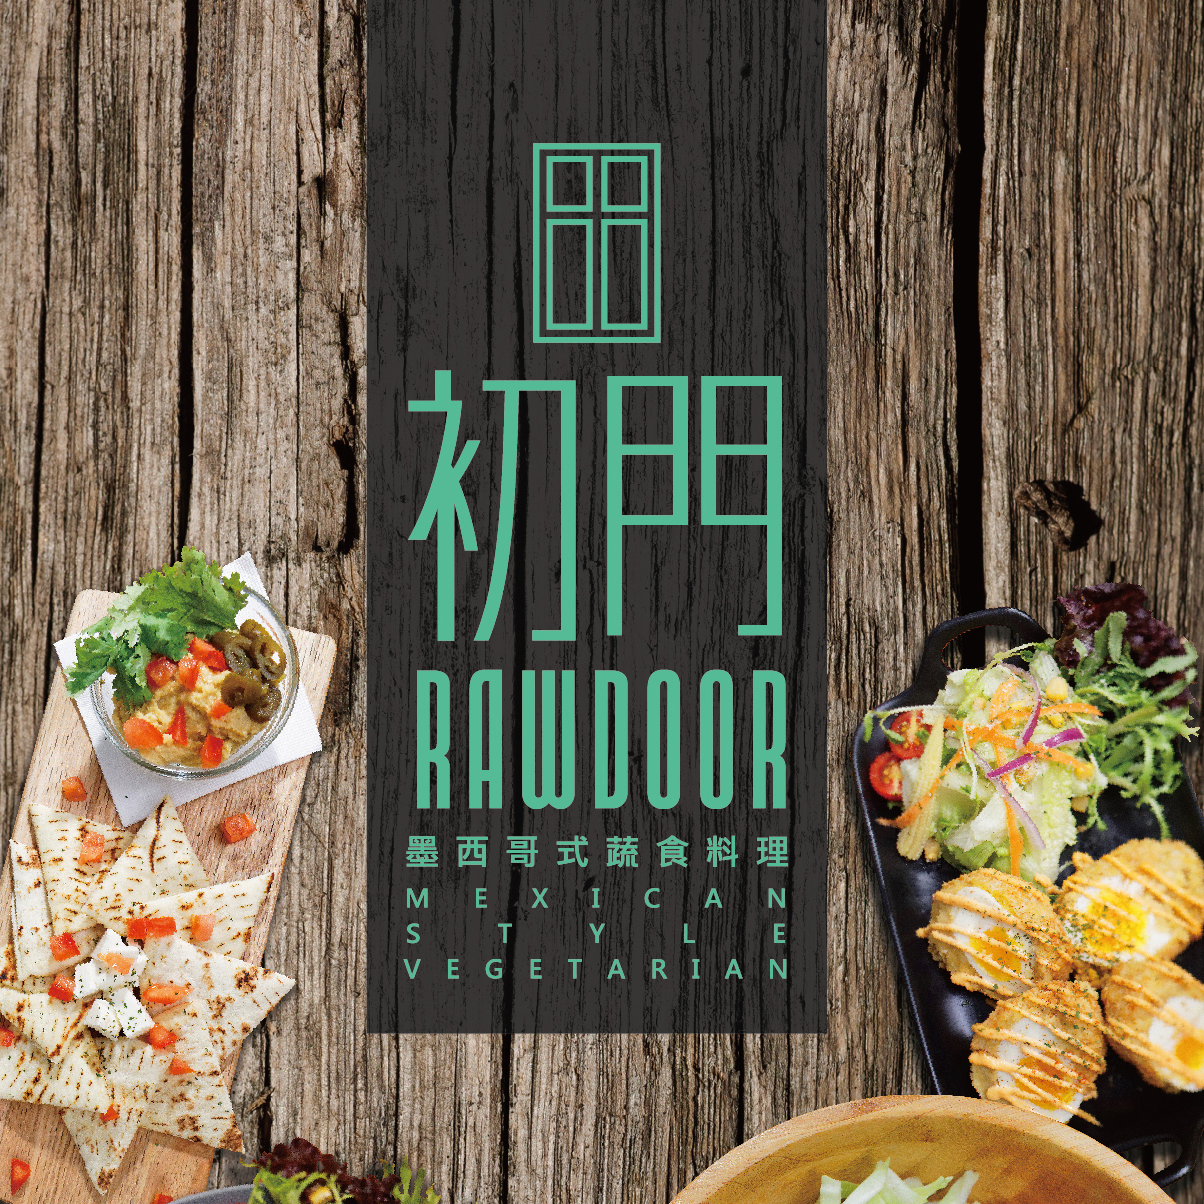 走進「初門RAWDOOR」,翻轉對蔬食餐酒的想像空間